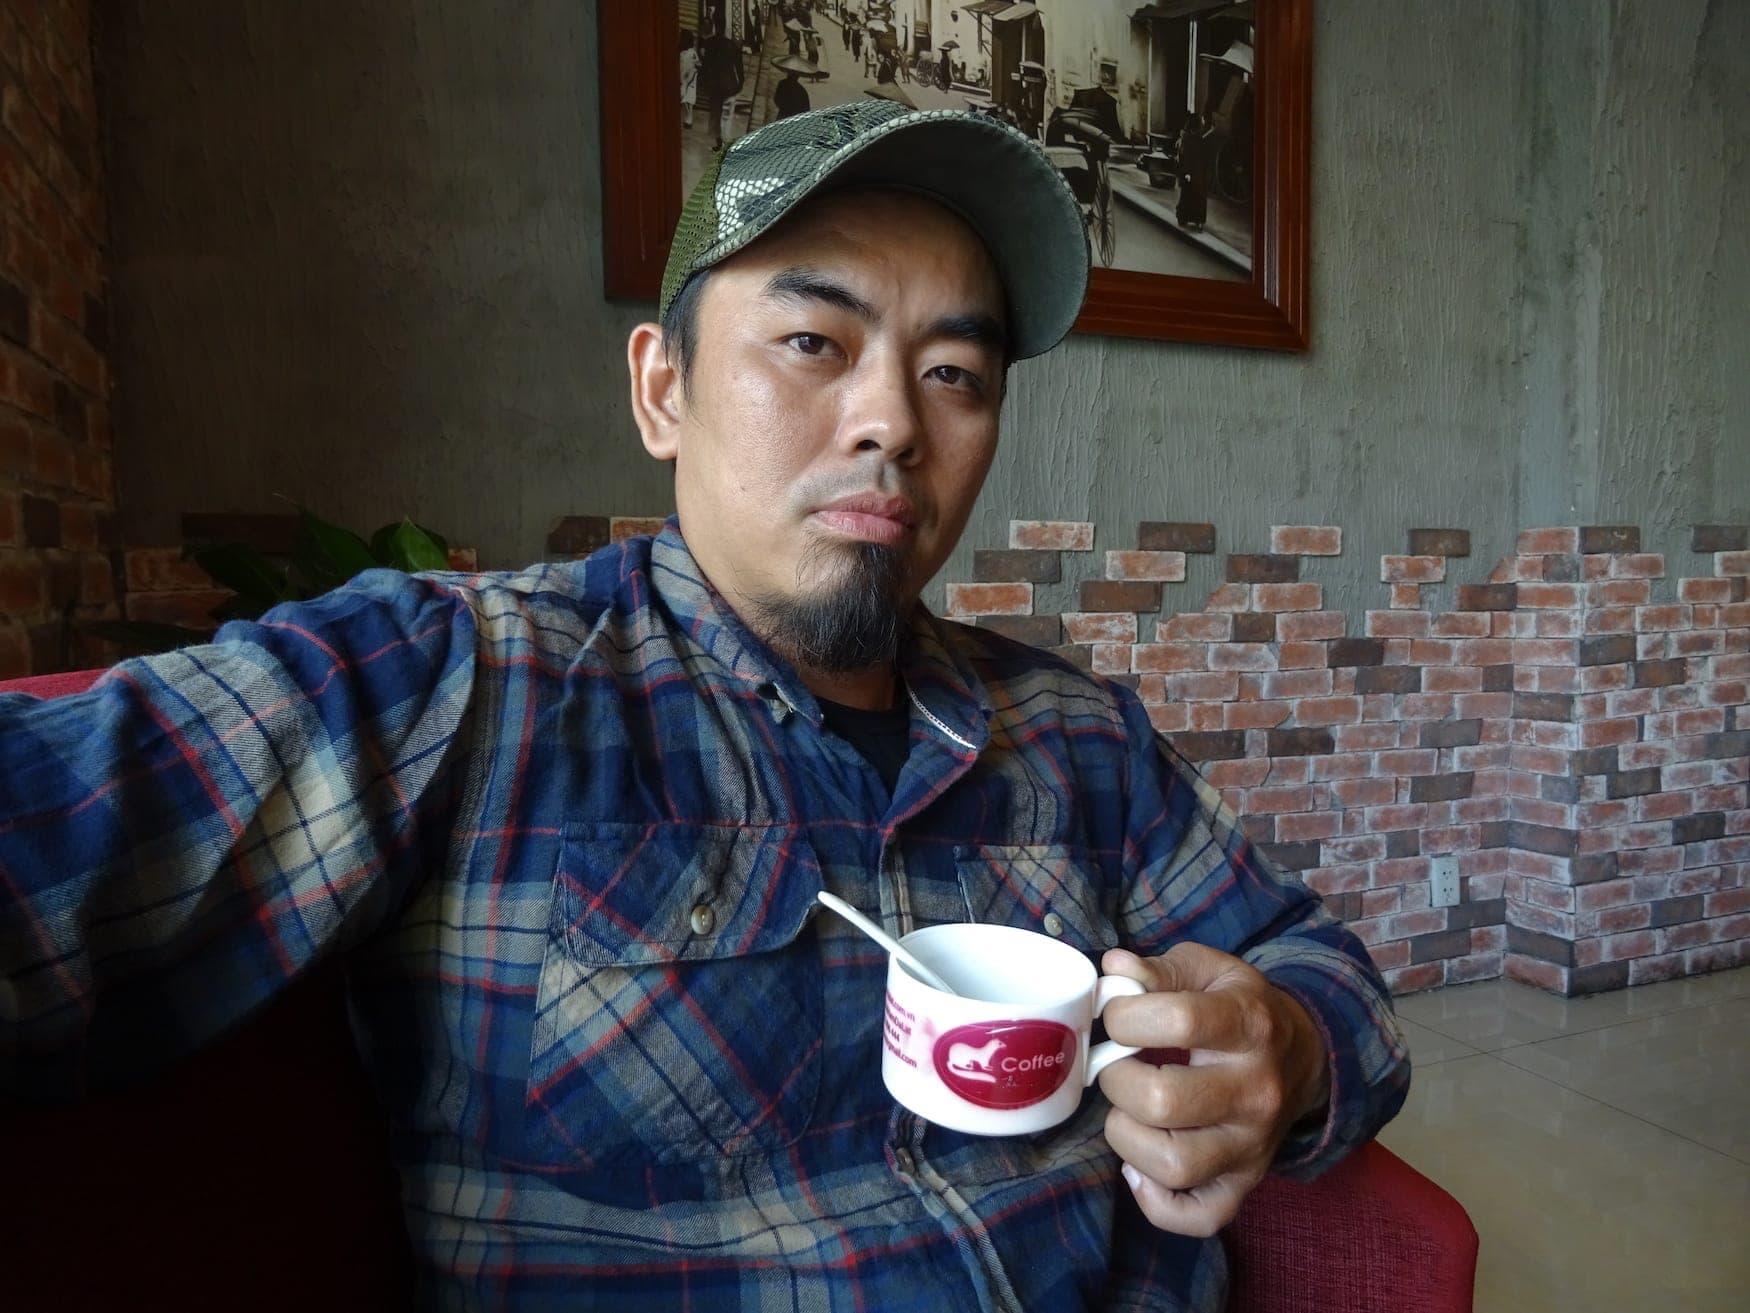 Mr. Chin mit seinem Katzenkaffee